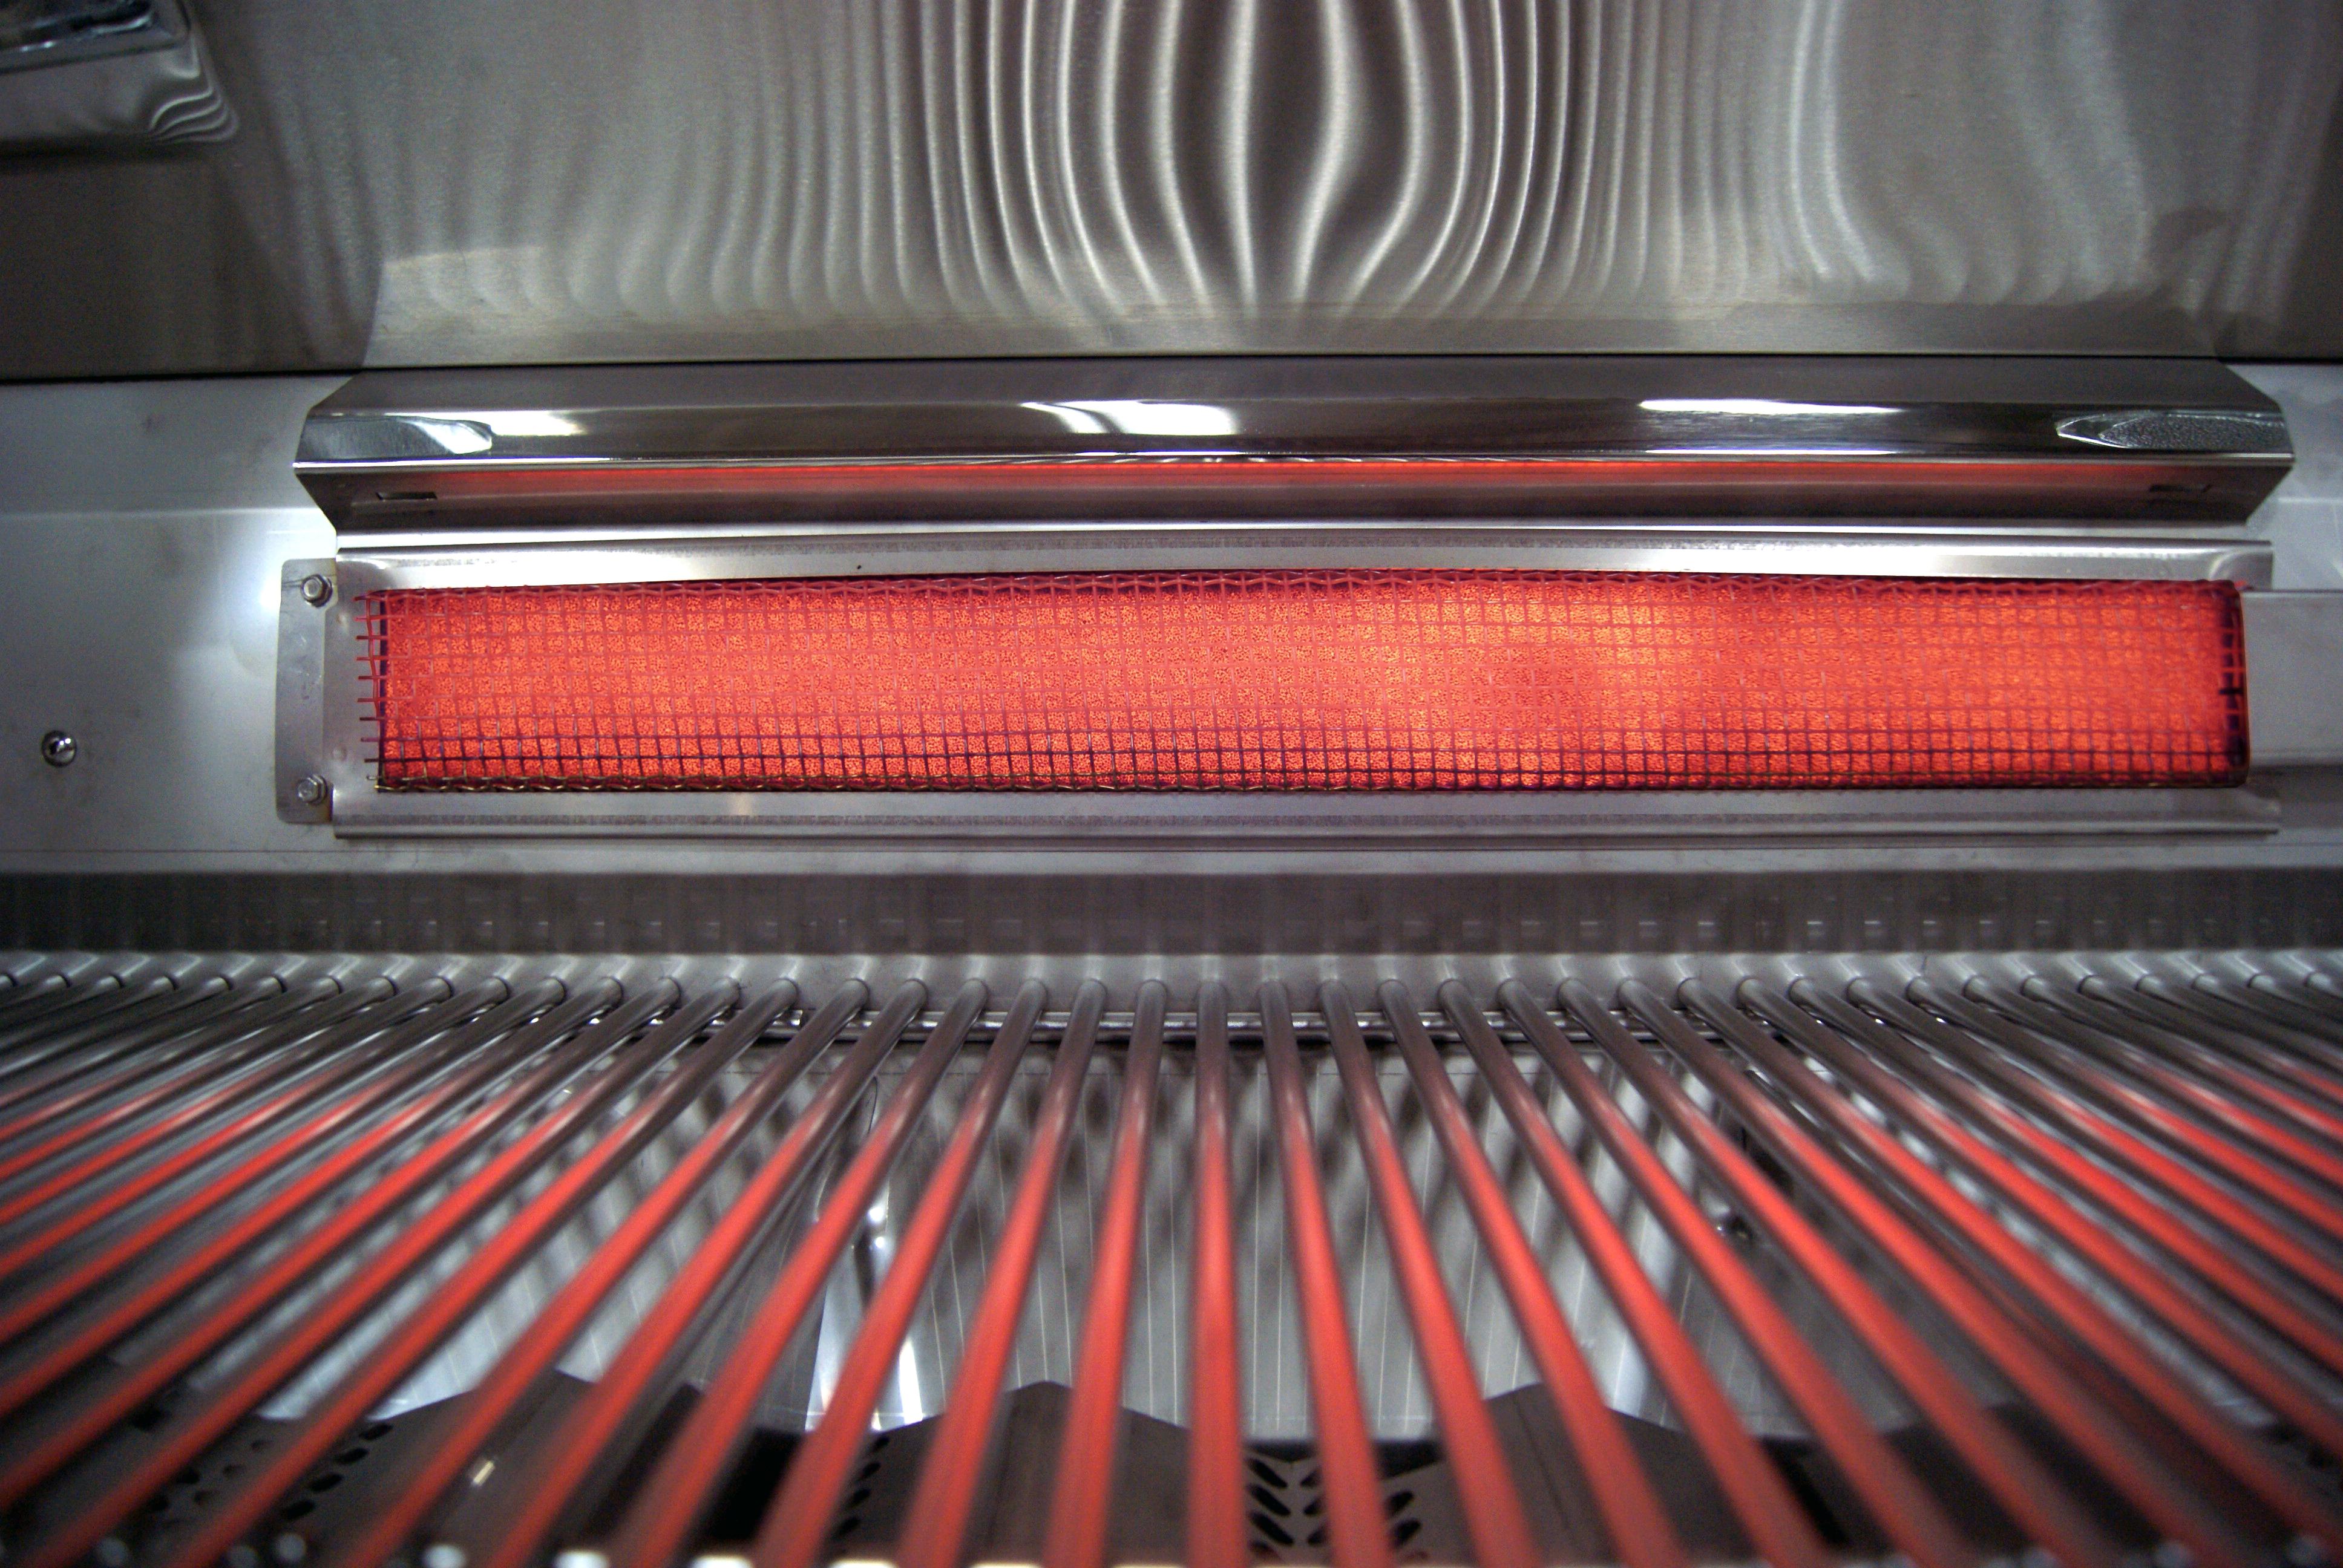 Fire Magic - Echelon - E1060 Grillwagen mit Einzelseitenbrenner und Sichtfenster